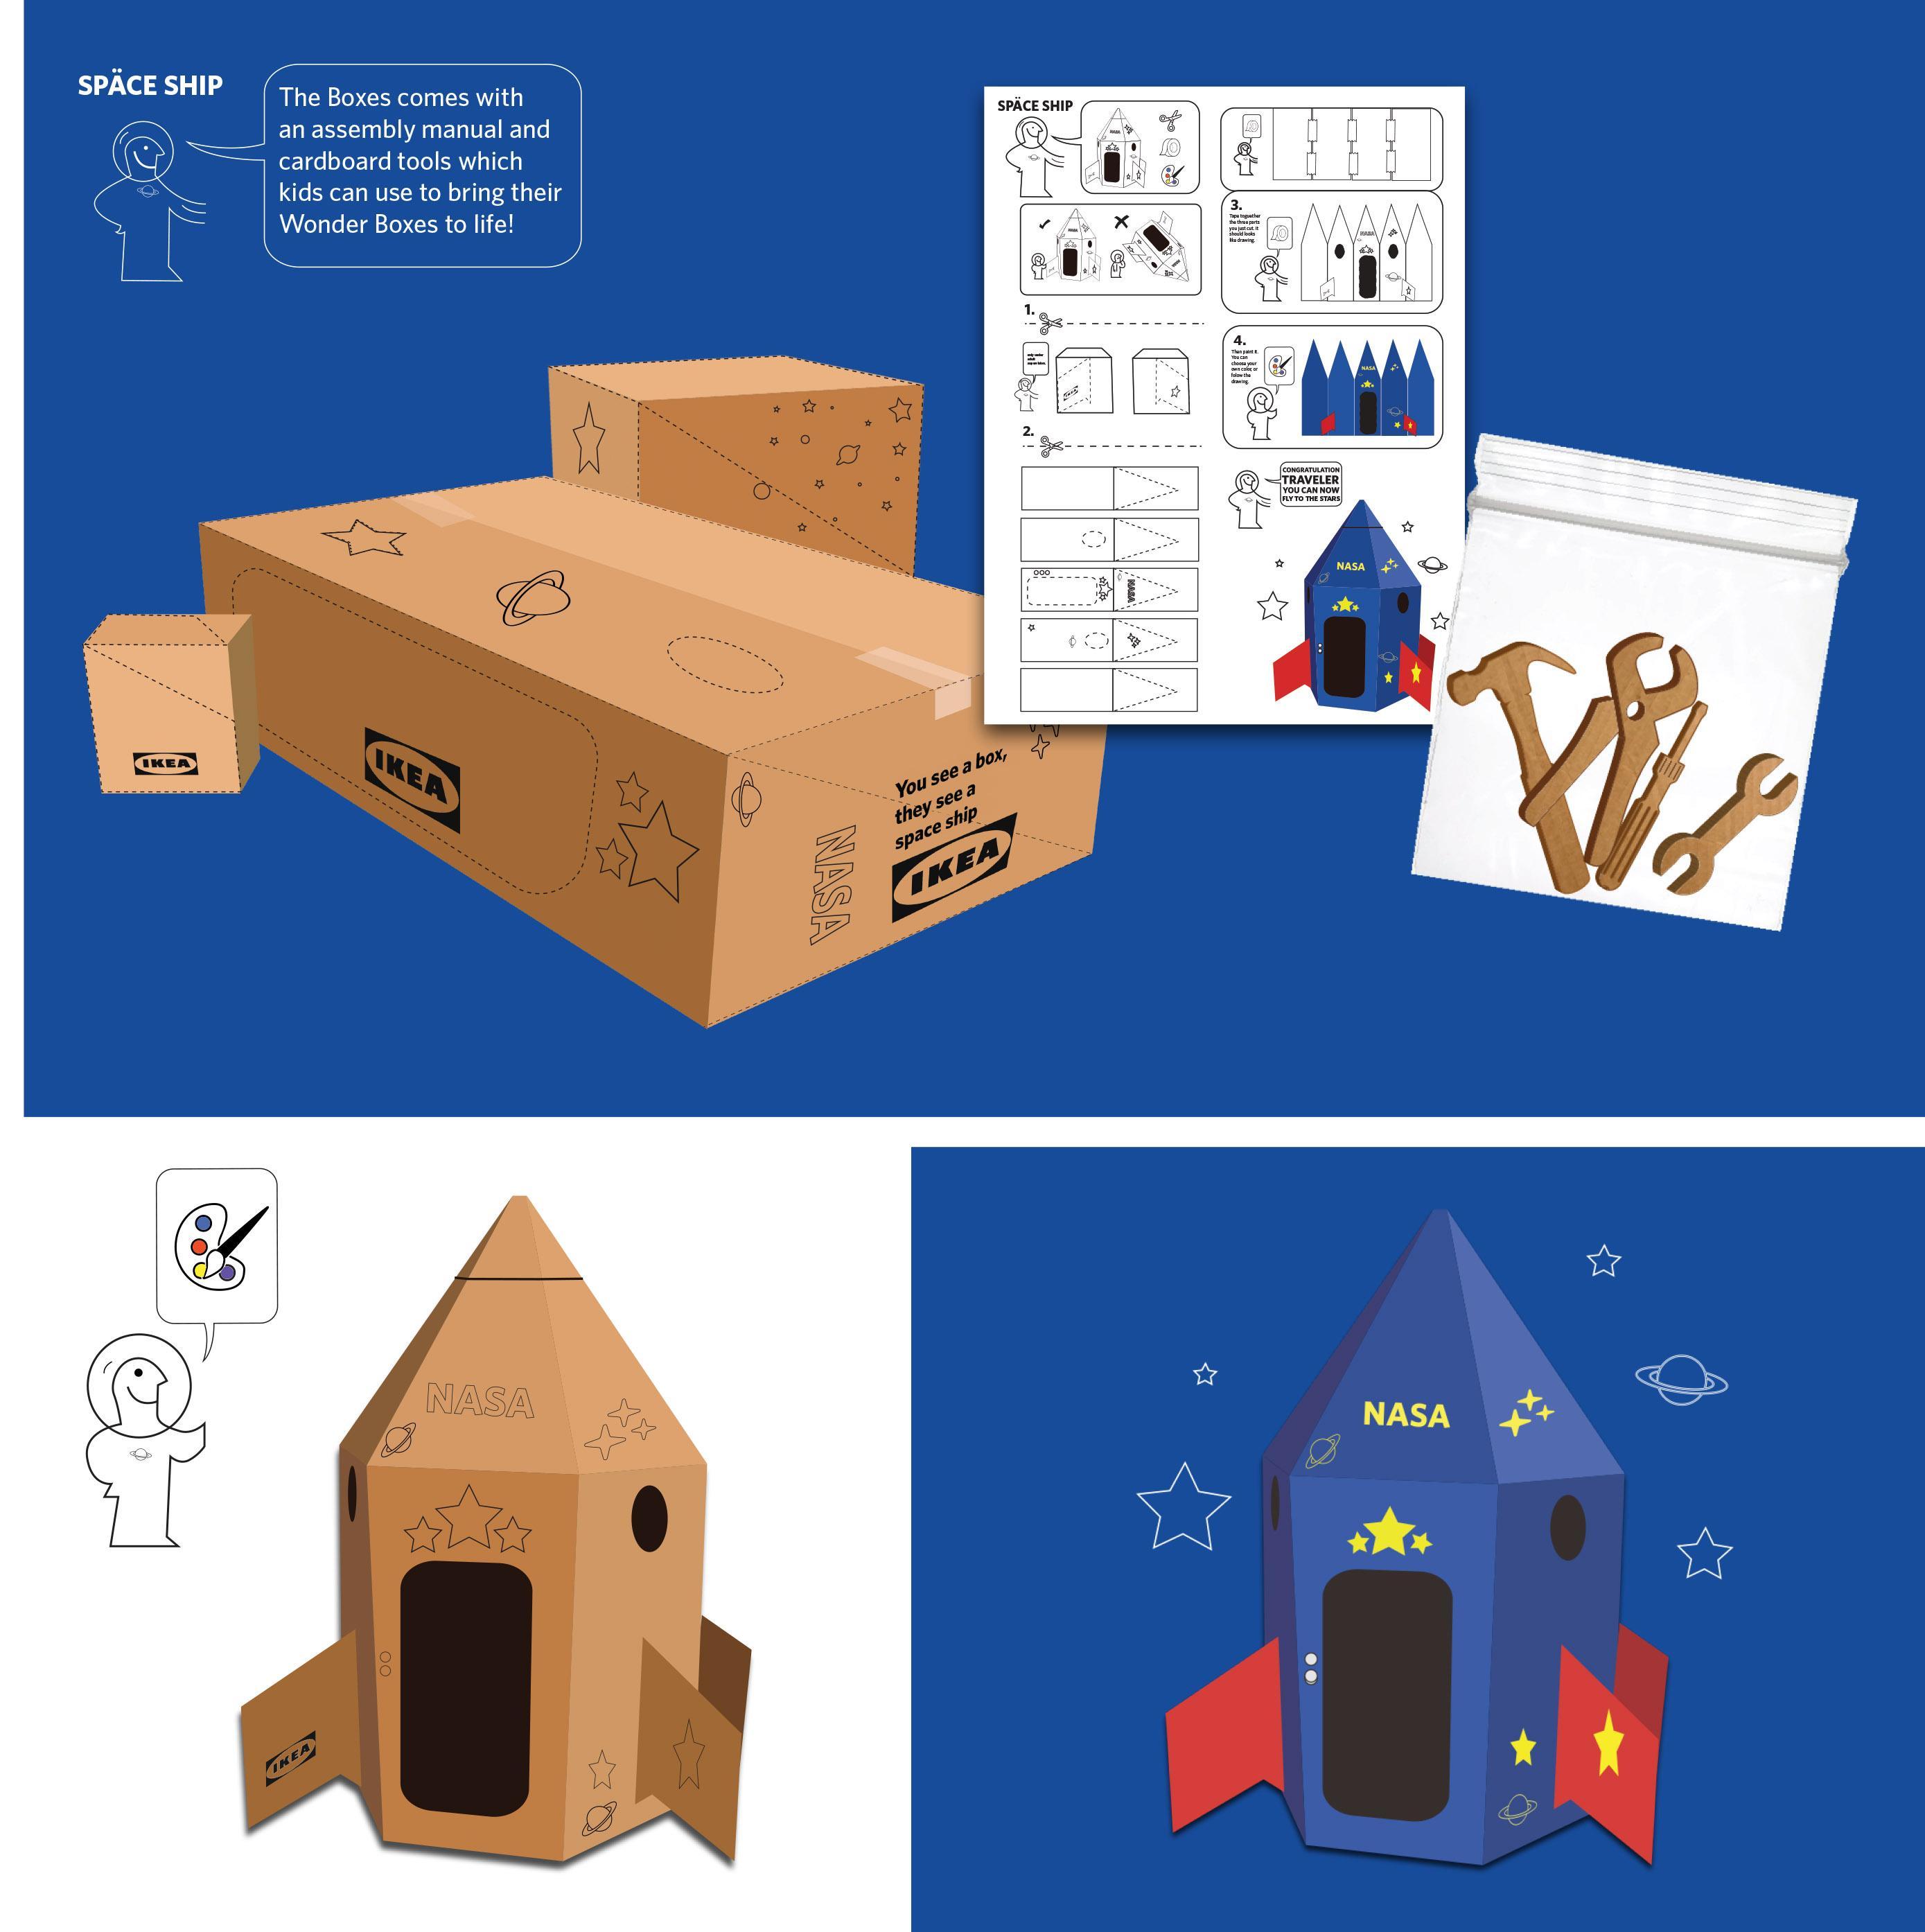 IKEA Design Ad - Space Ship